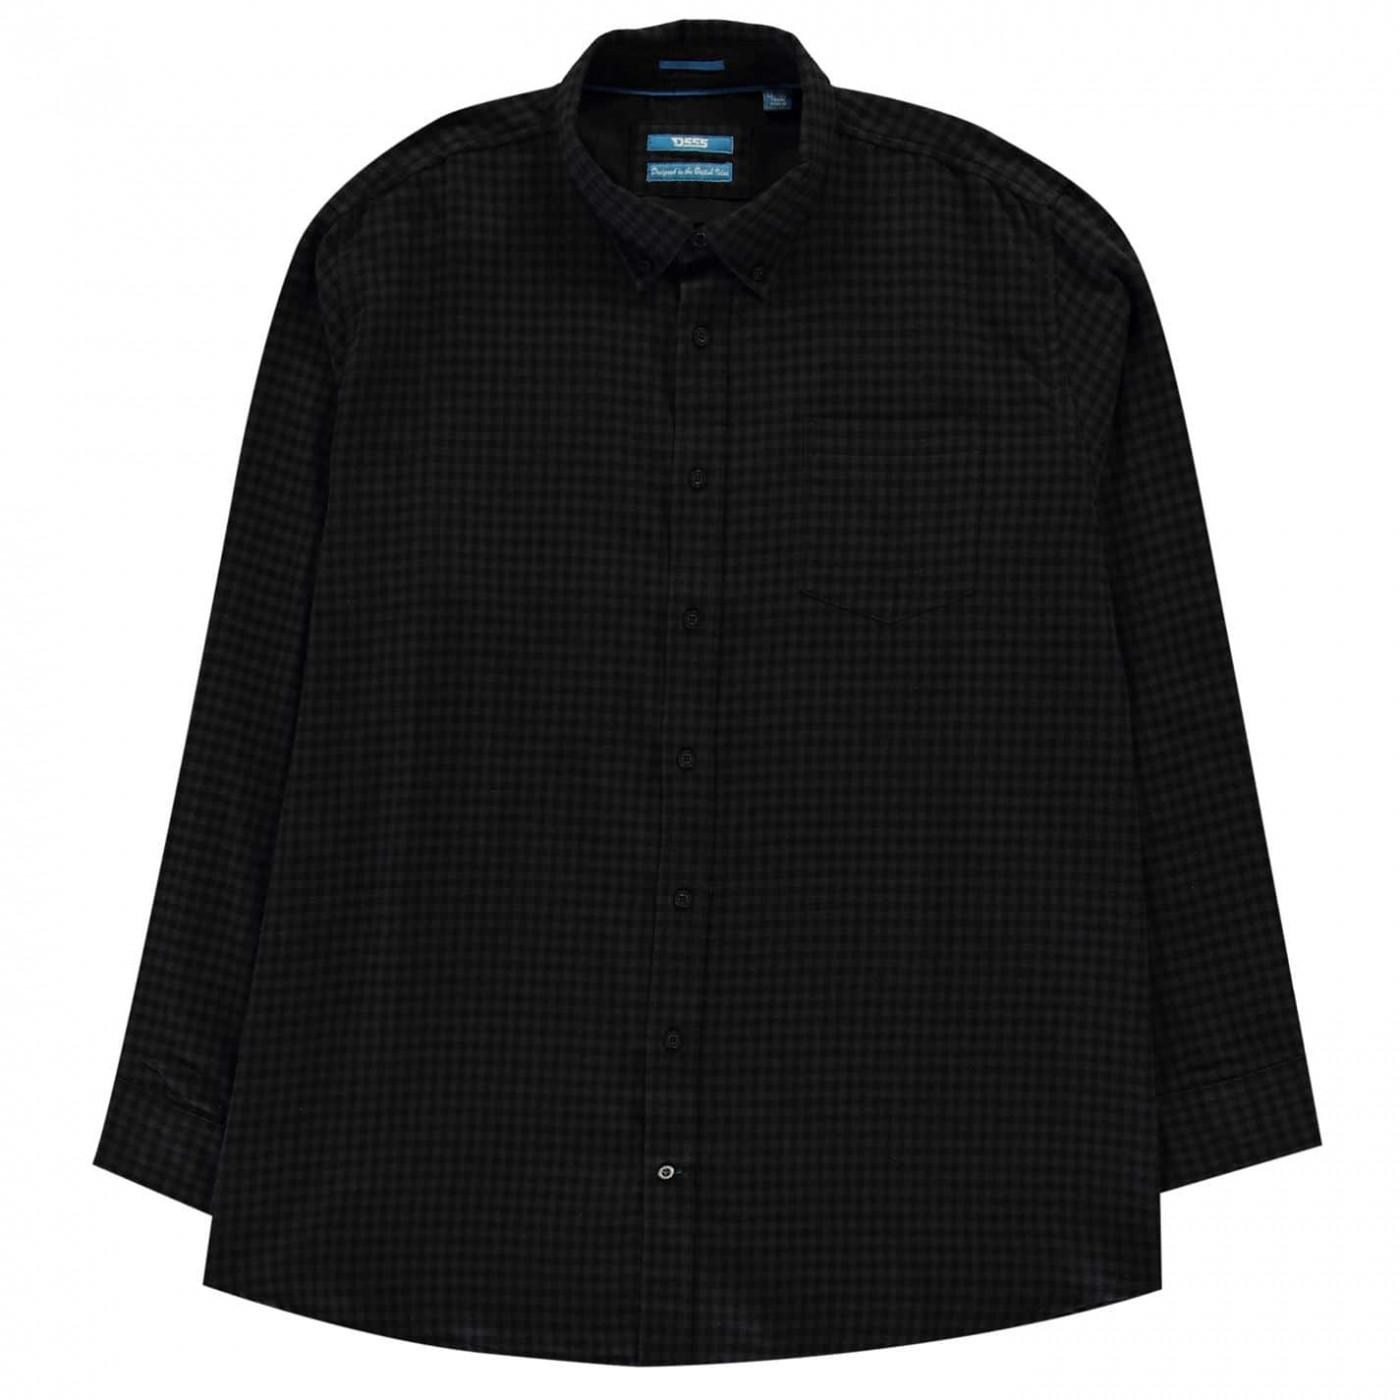 D555 Jared Long Sleeve Check Shirt Mens